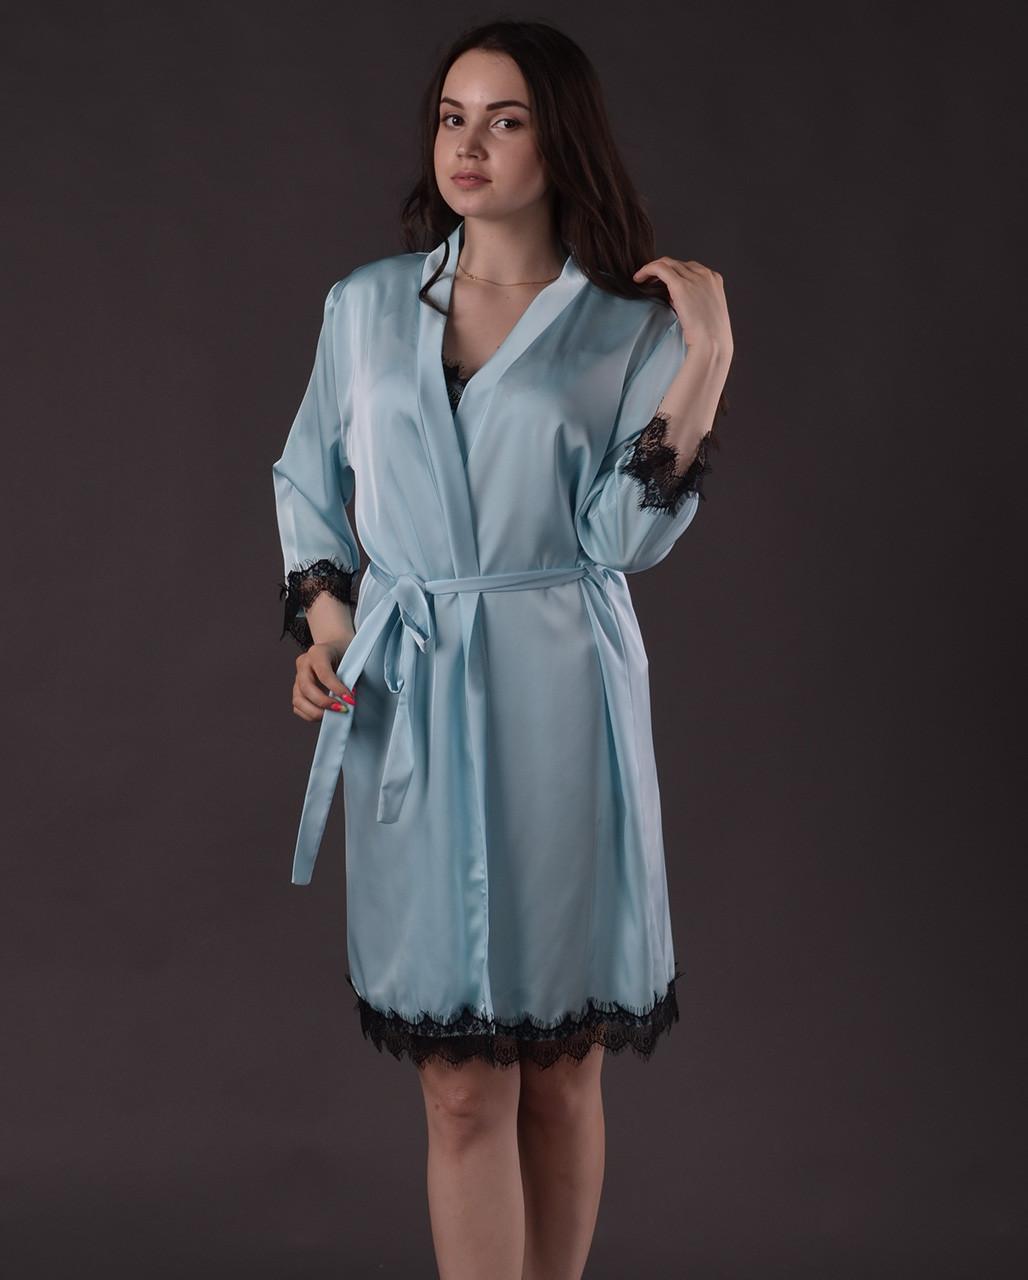 Халат женский из шелка Армани с французским кружевом Шантильи